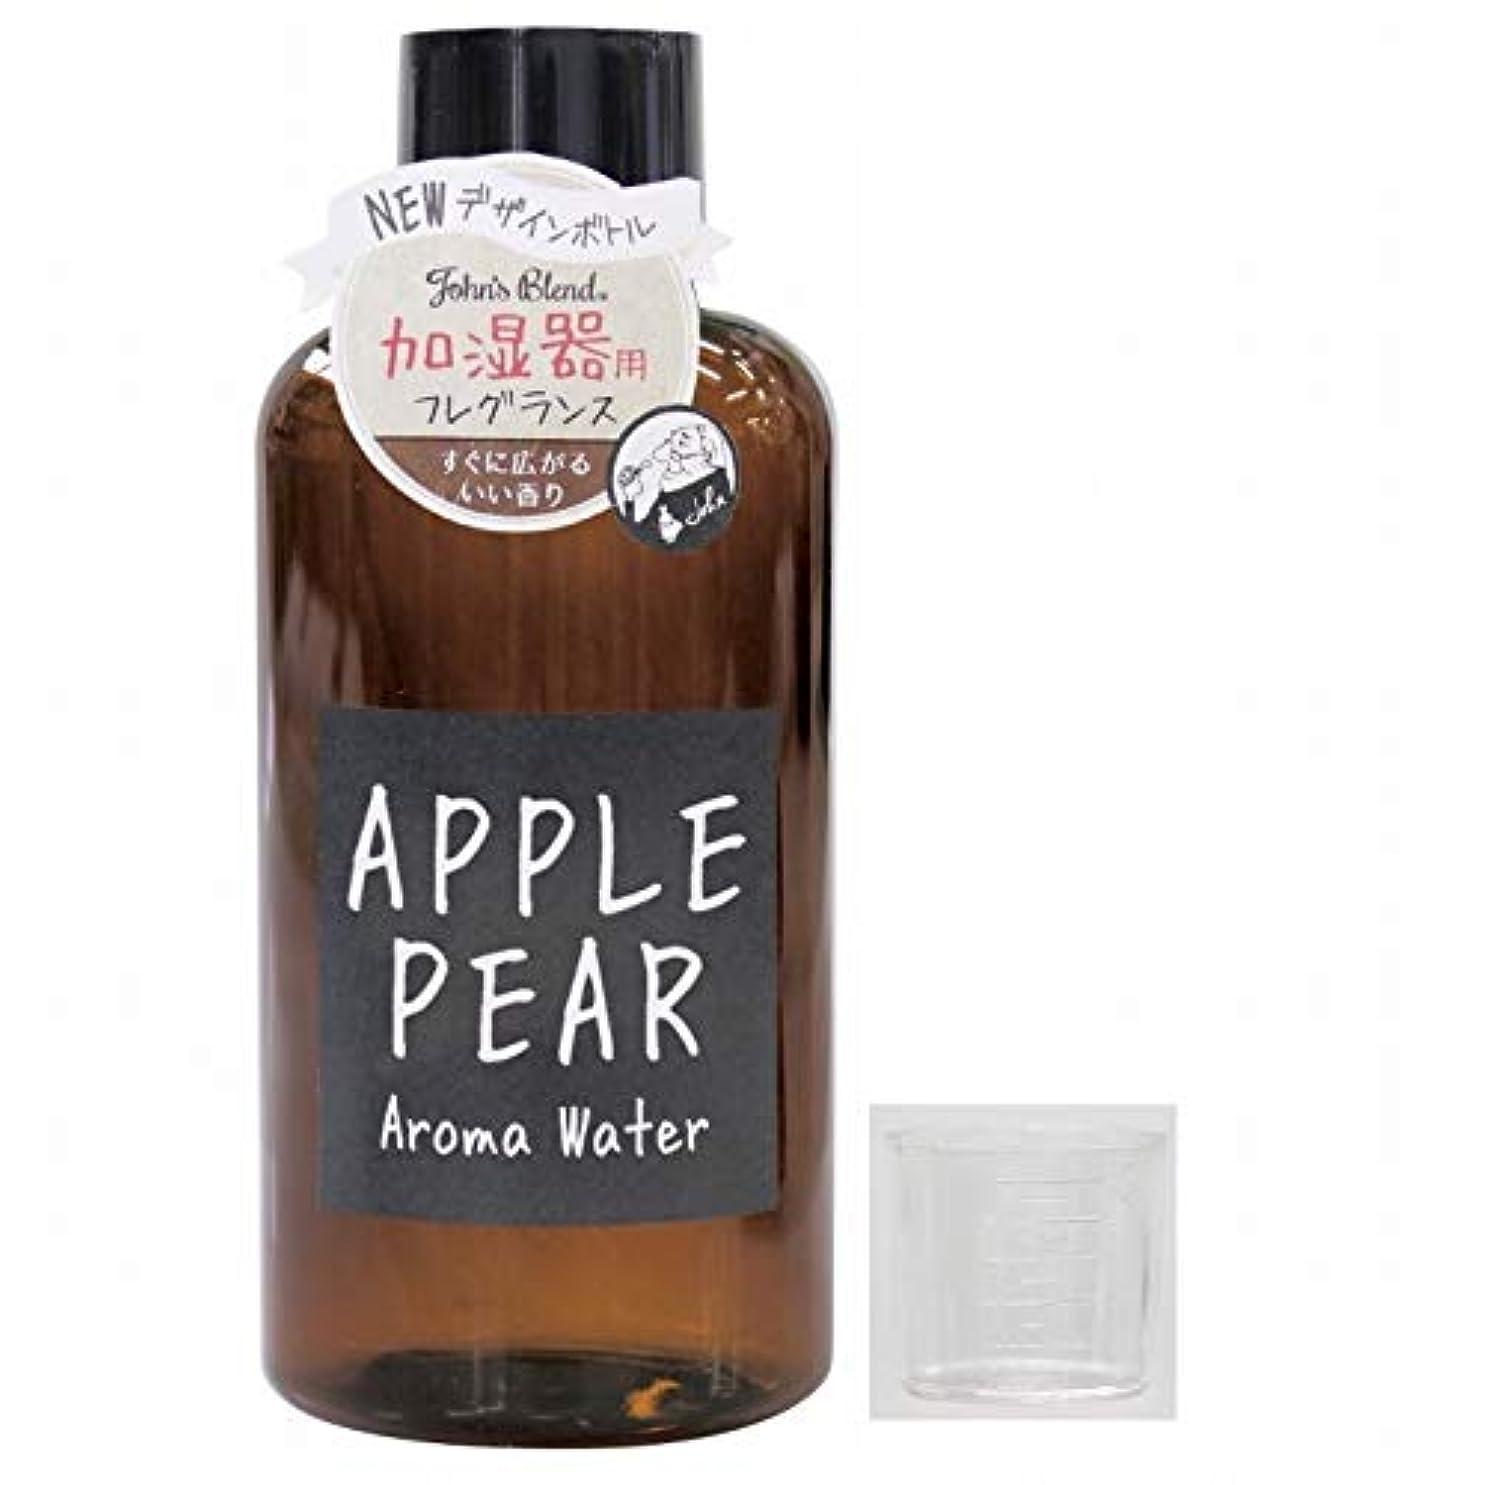 慣らす大きさひらめき【計量カップ付き】 JohnsBlend(ジョンズブレンド) アロマウォーター 加湿器用 520ml アップルペアーの香り OA-JON-12-4 【計量カップのおまけつき】